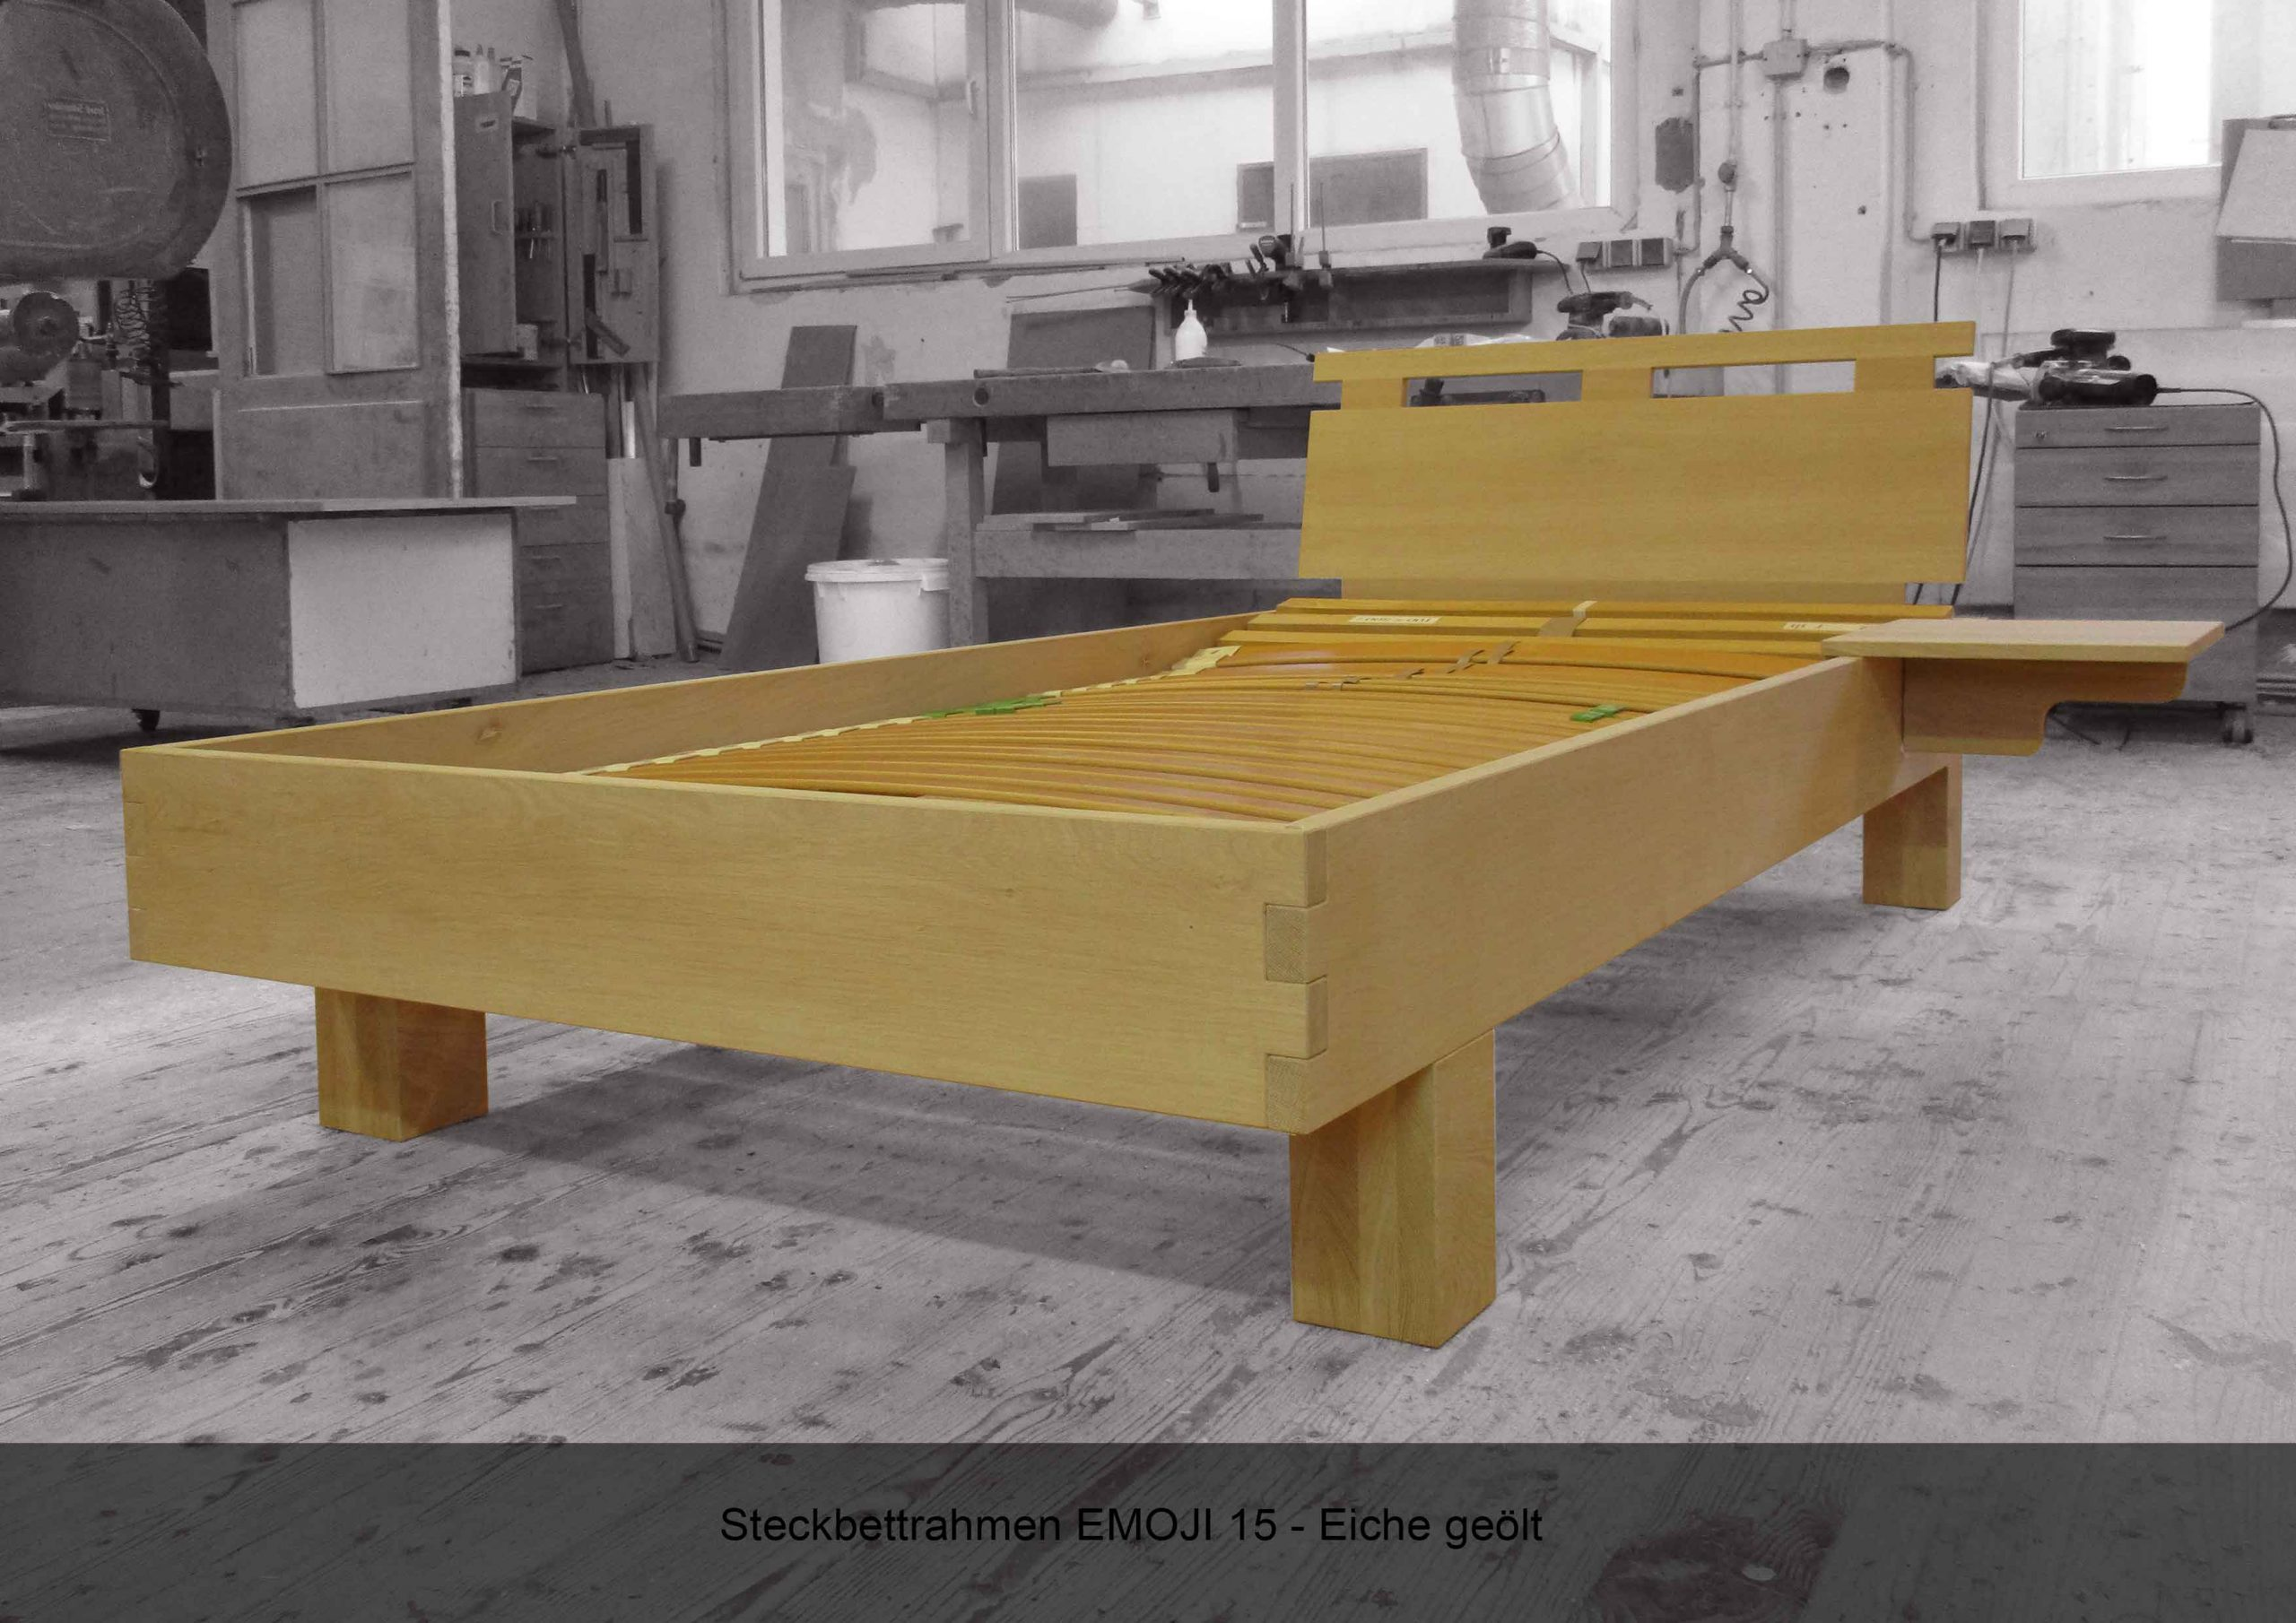 Steckbett Rahmen metallfrei Massivholz EMOJI 15 Eiche geölt